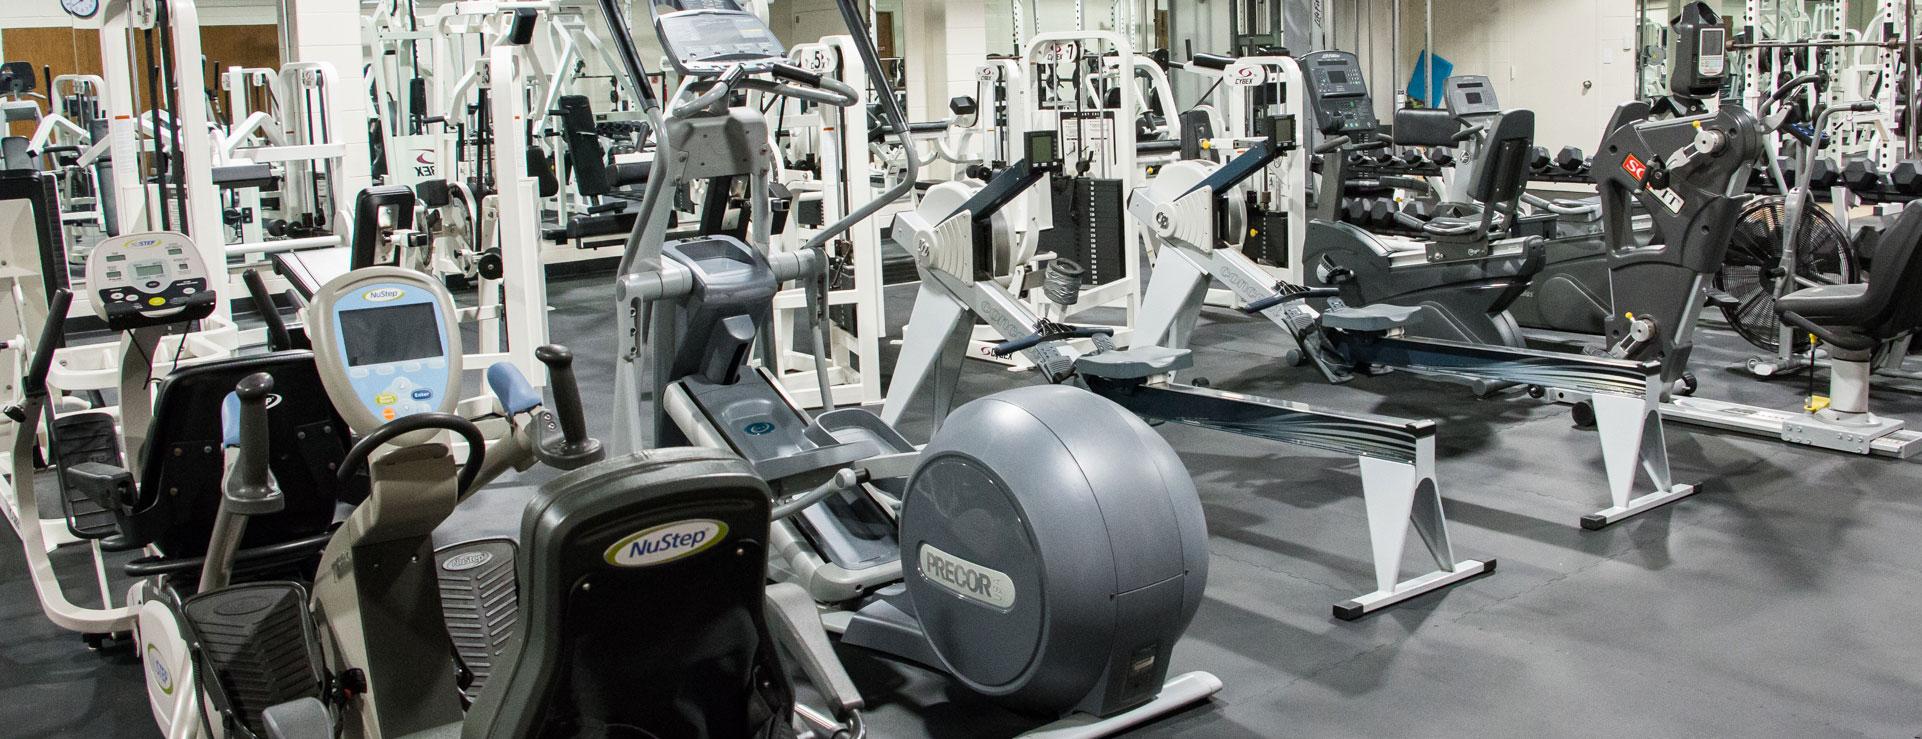 Mcc Fitness Center Exercise Equipment